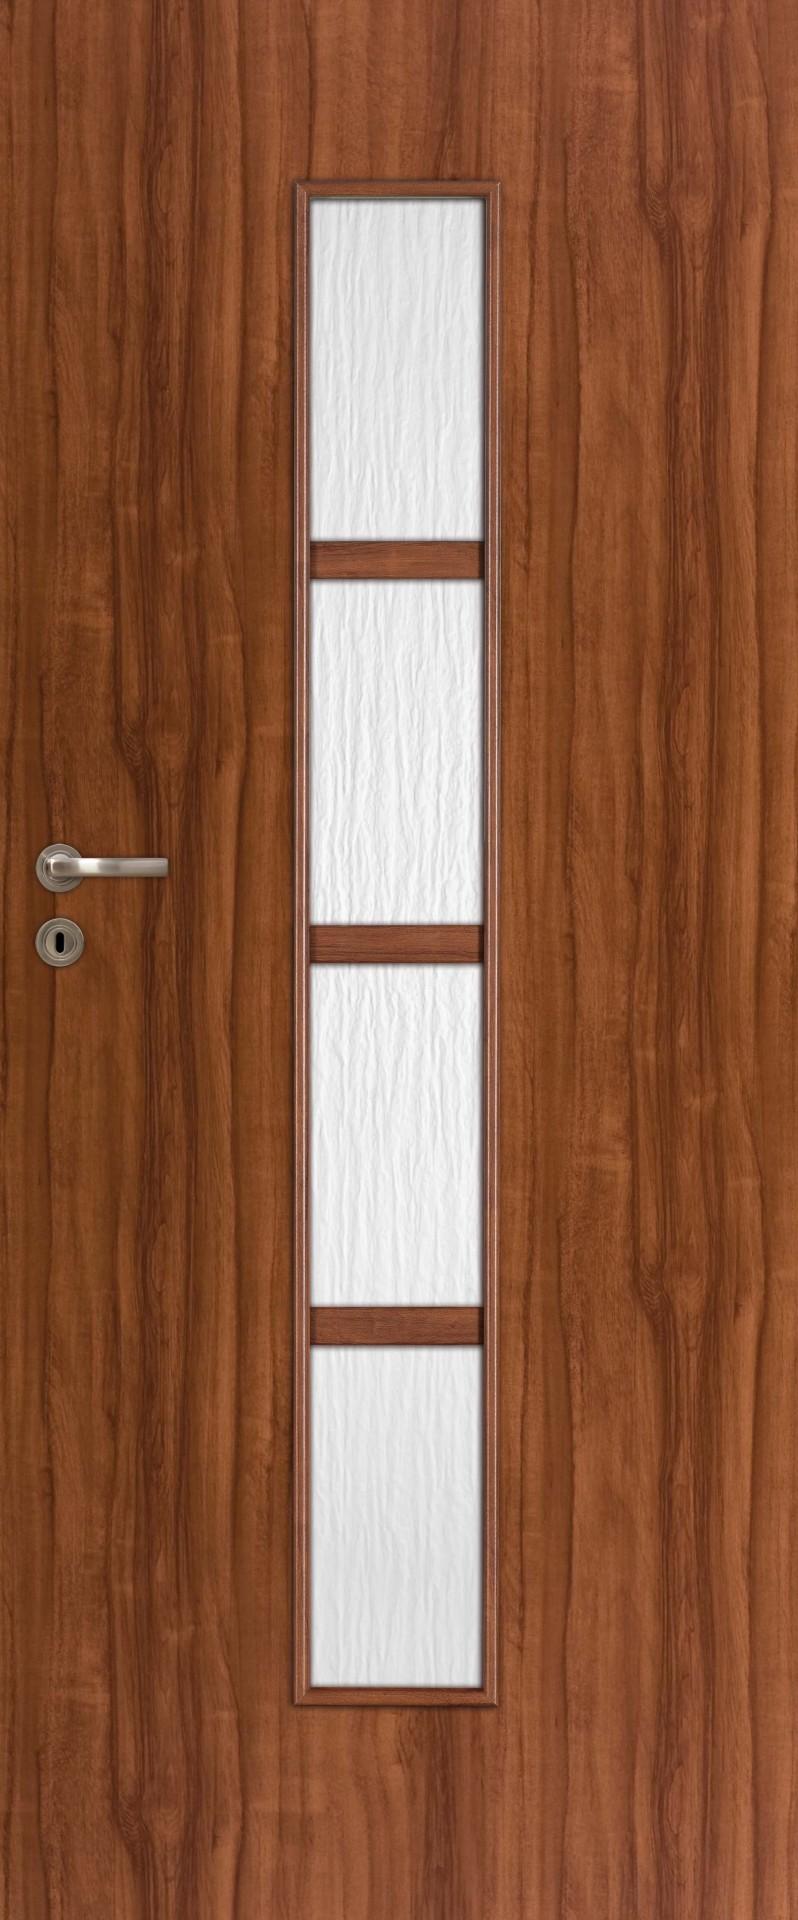 Dre dveře Arte 50, Šíře v cm 90